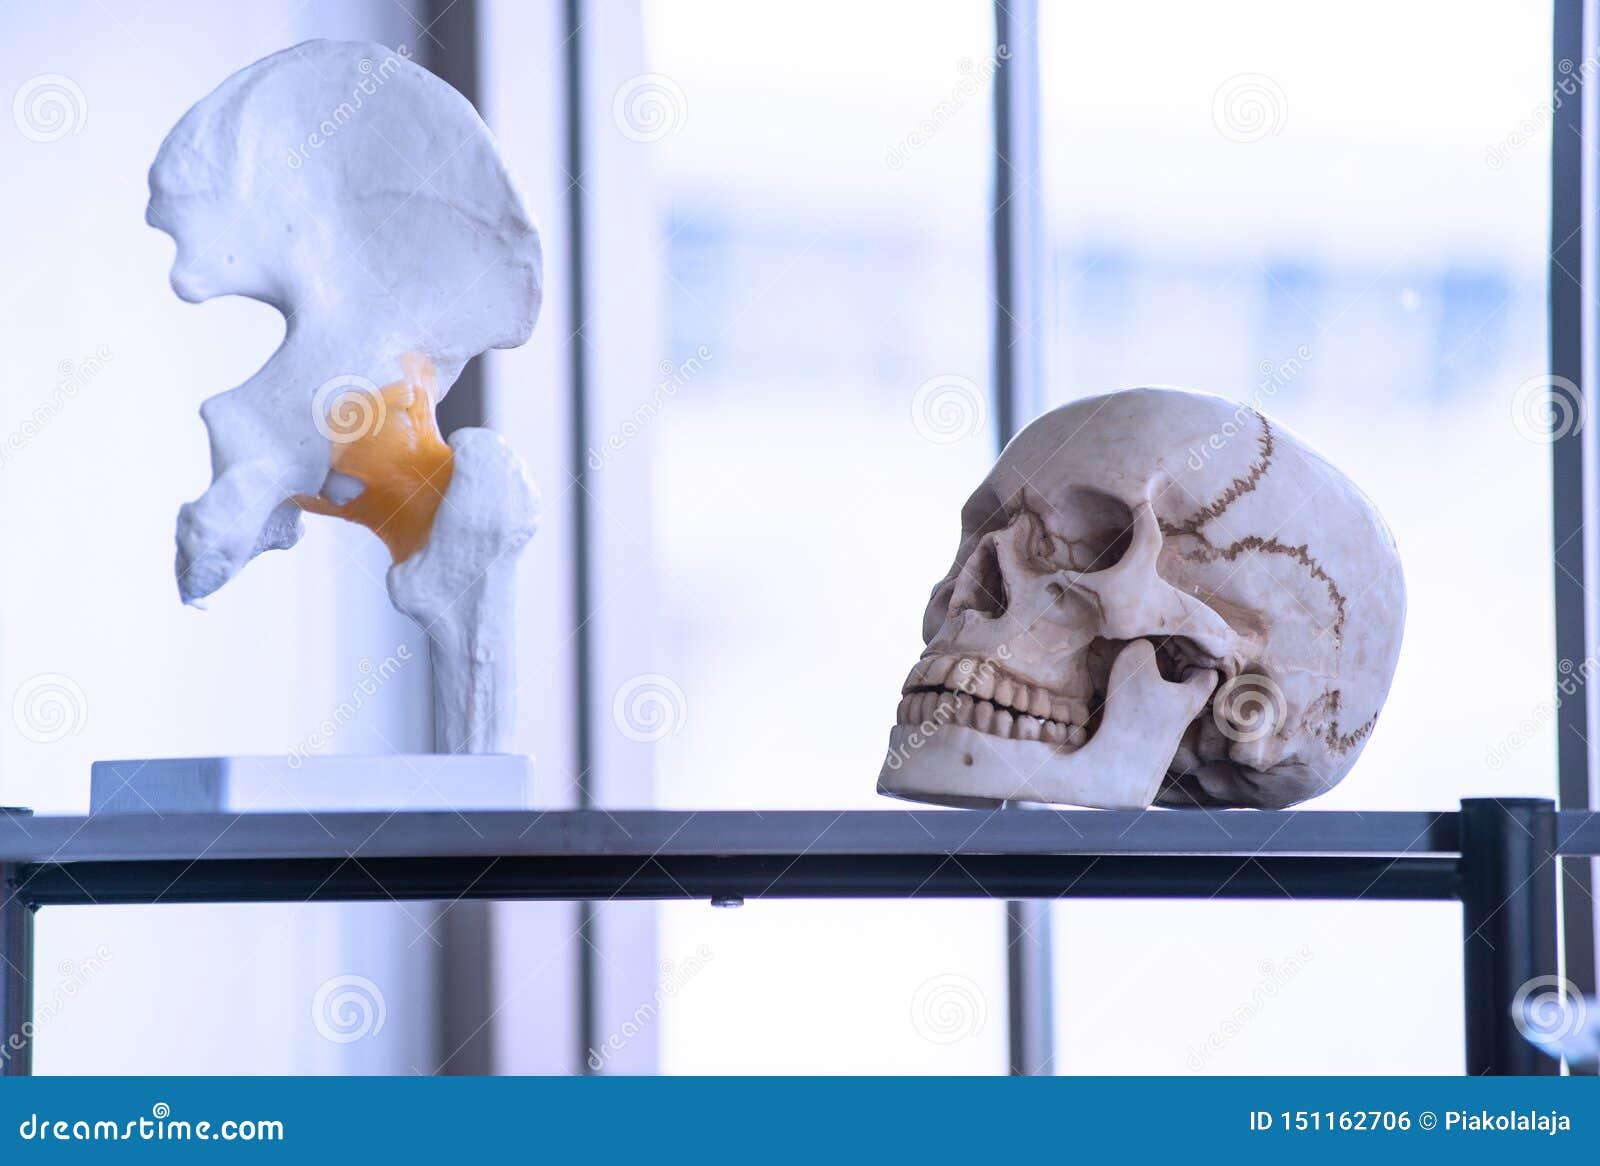 Sztuczny kościec tak jak czaszka, kość i zęby w, szkołach wyższych i uniwersytetach laboranckich